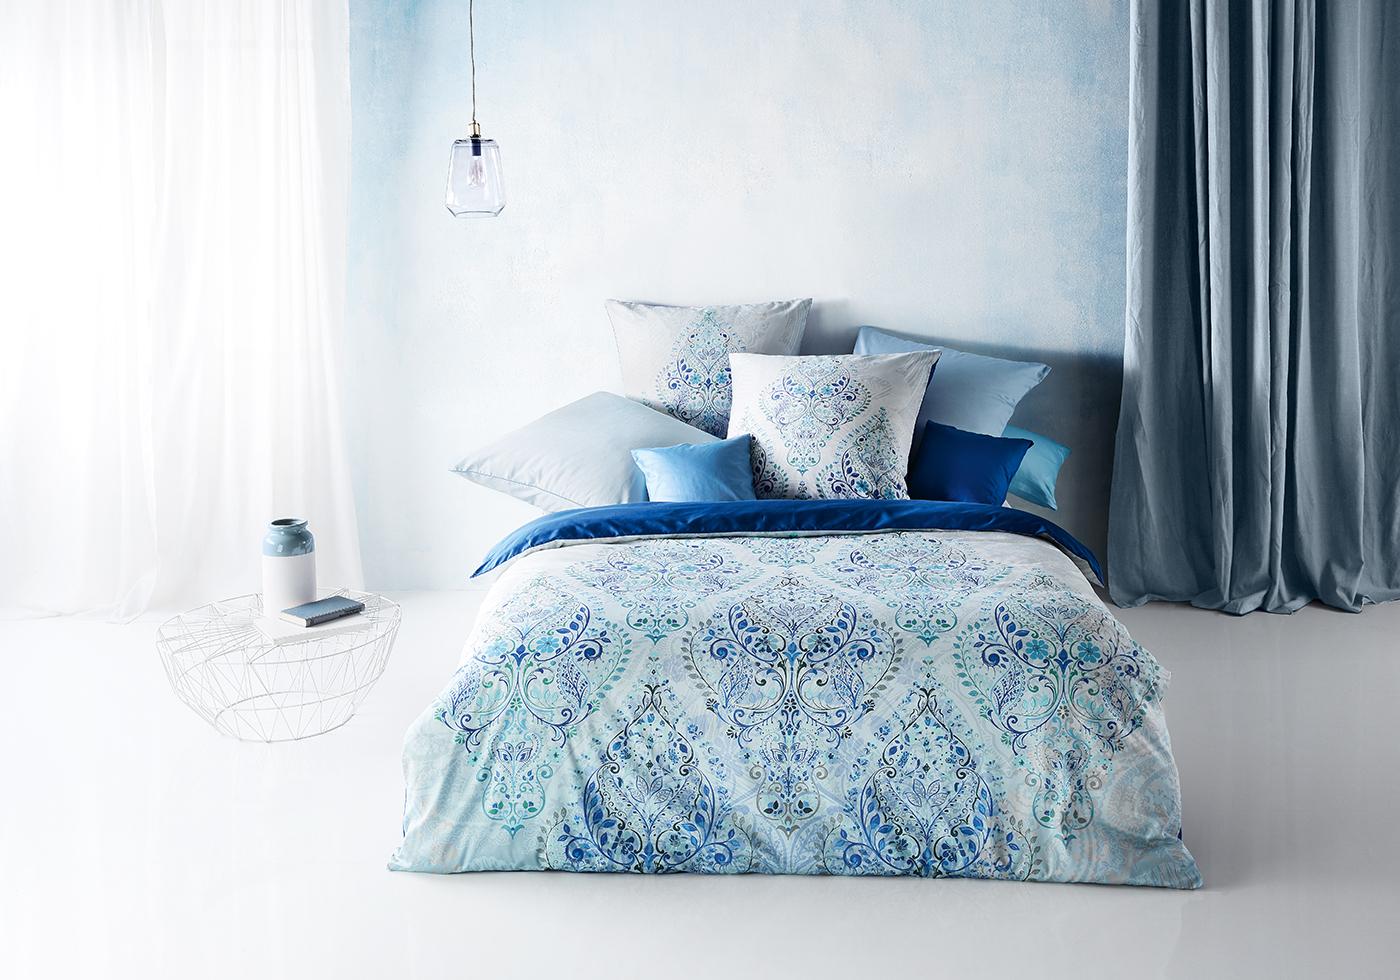 Blaue fleuresse Satin Bettwäsche mit Ornamenten